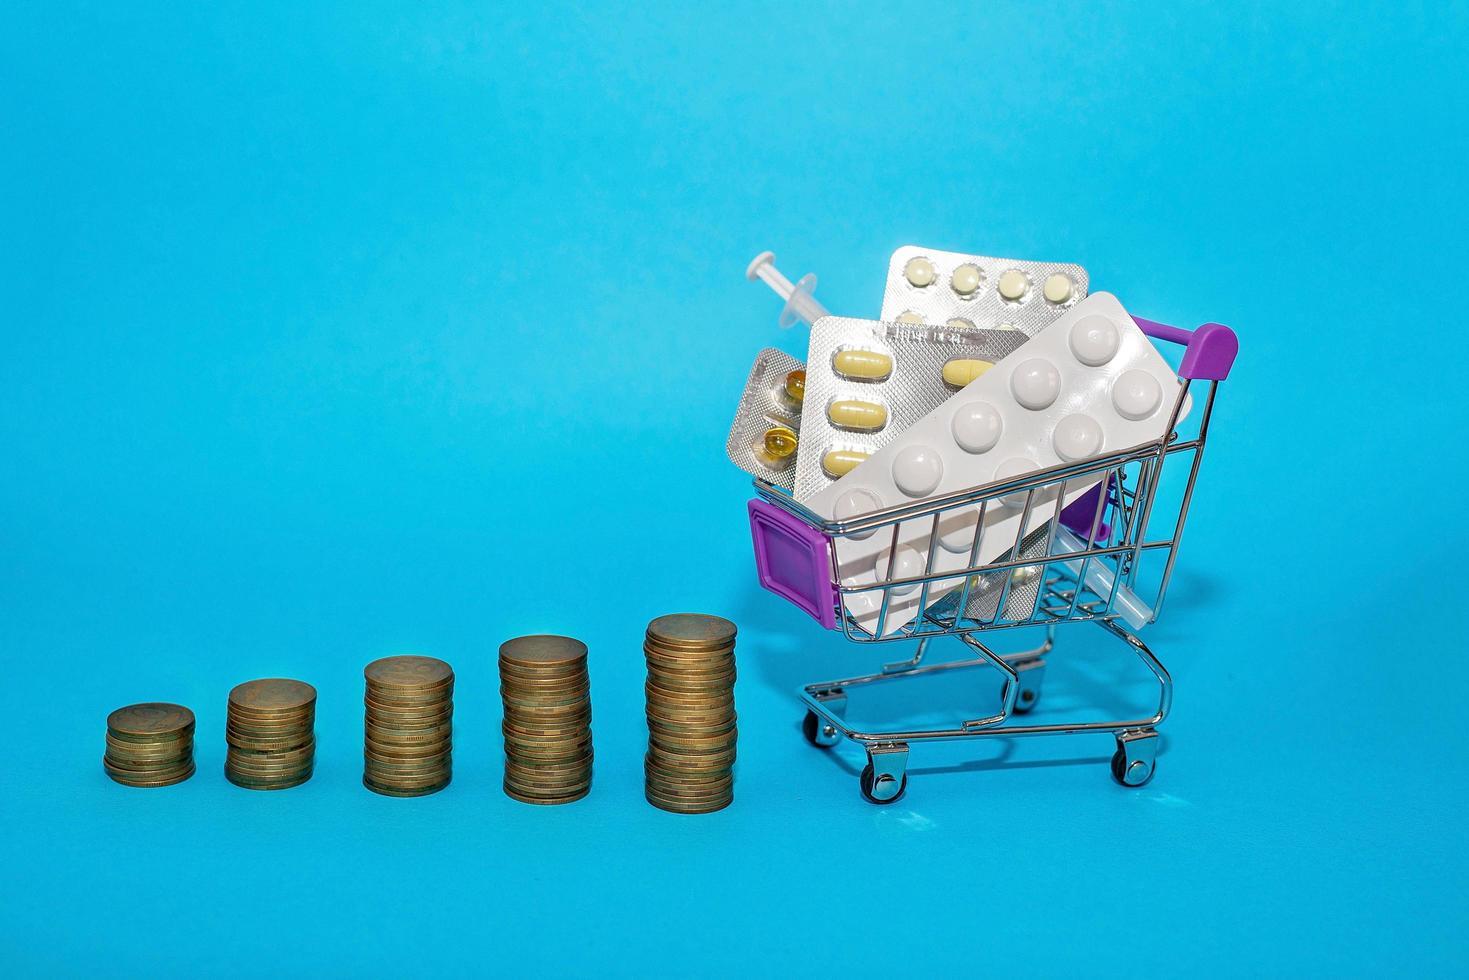 Ein Stapel Münzen in Folge mit einem Einkaufswagen mit Medikamenten auf blauem Hintergrund. Medikamentenpreissprung Konzeptsprung. Covid-19-Coronovirus-Pandemie foto